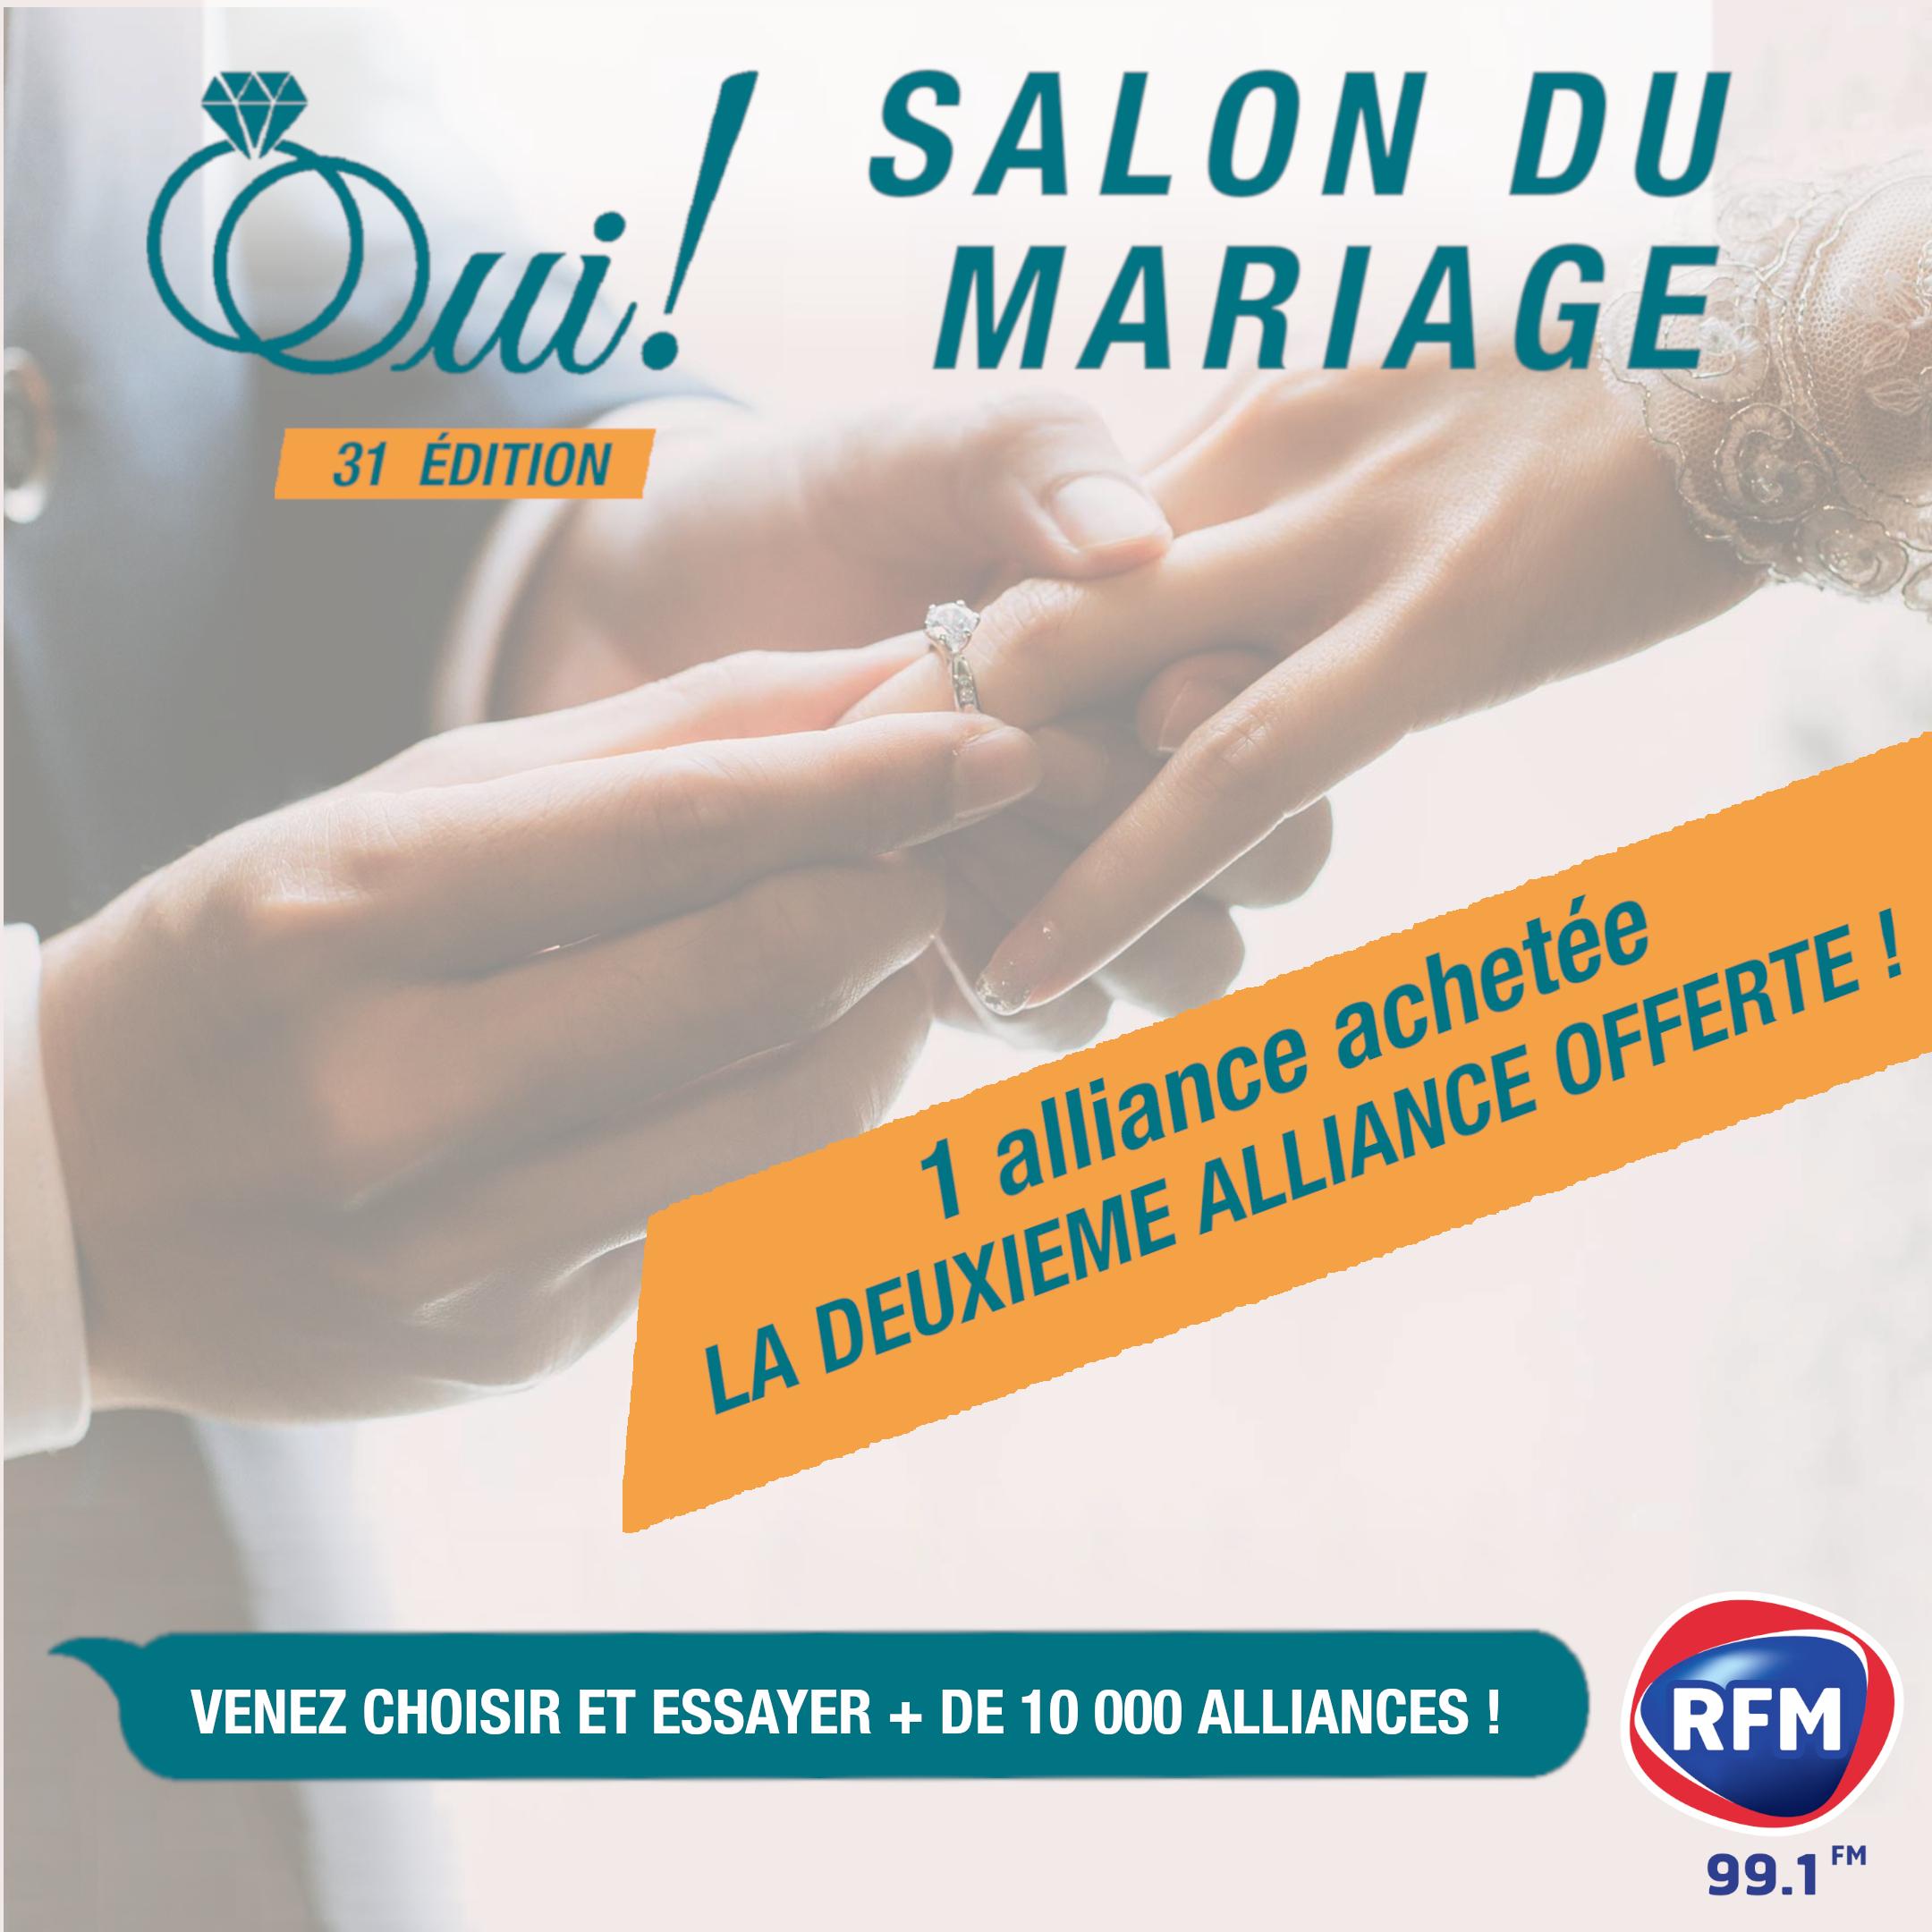 Salon des Alliances, Toulouse, 25-26 septembre 2021